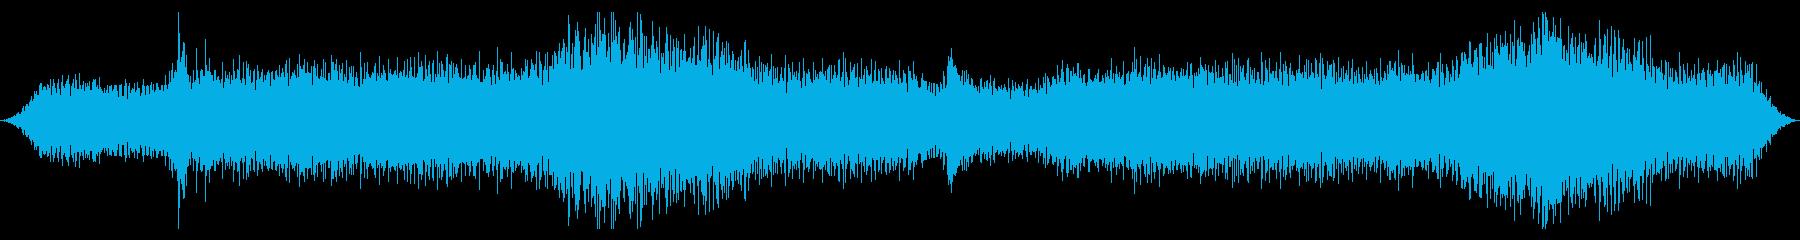 地下の不気味な風洞:メタリックエア...の再生済みの波形